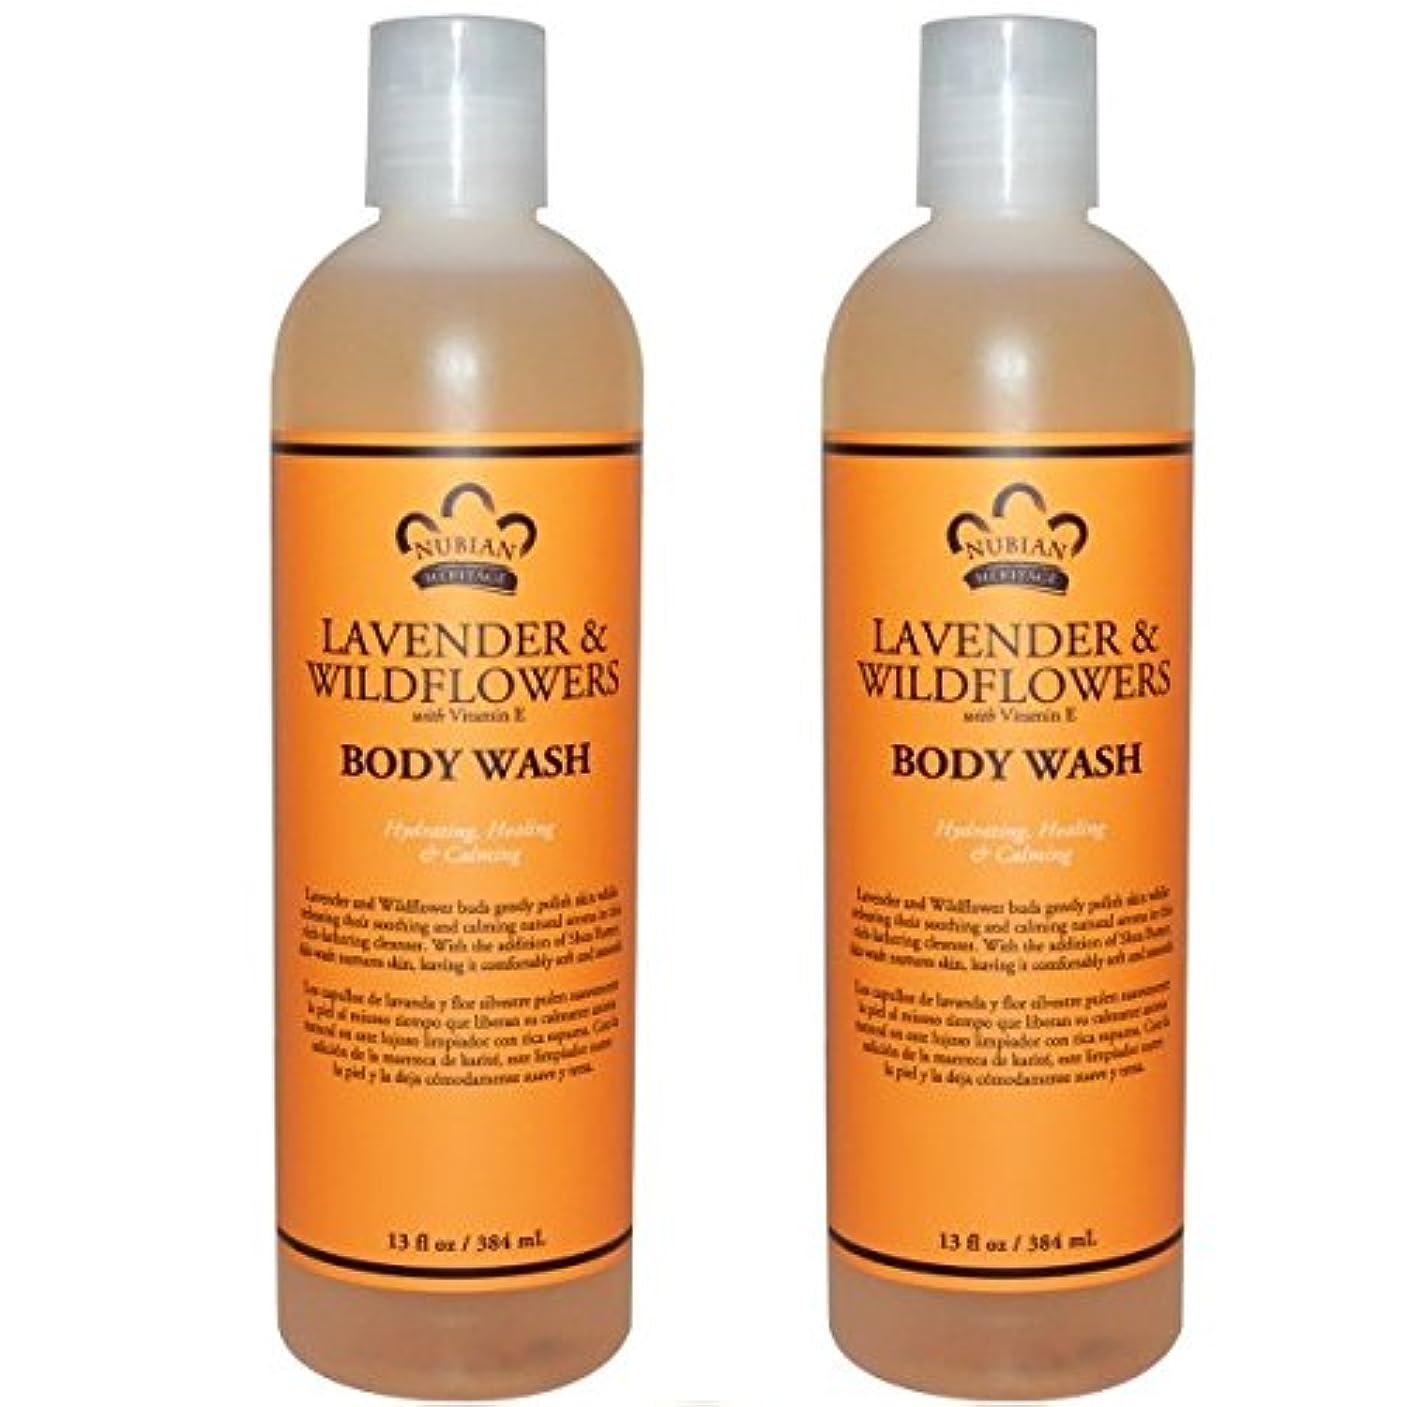 【海外直送品】【2本】Nubian Heritage Body Wash Relaxing & Nourishing, Lavender & Wildflowers - 13 fl oz (384 ml)